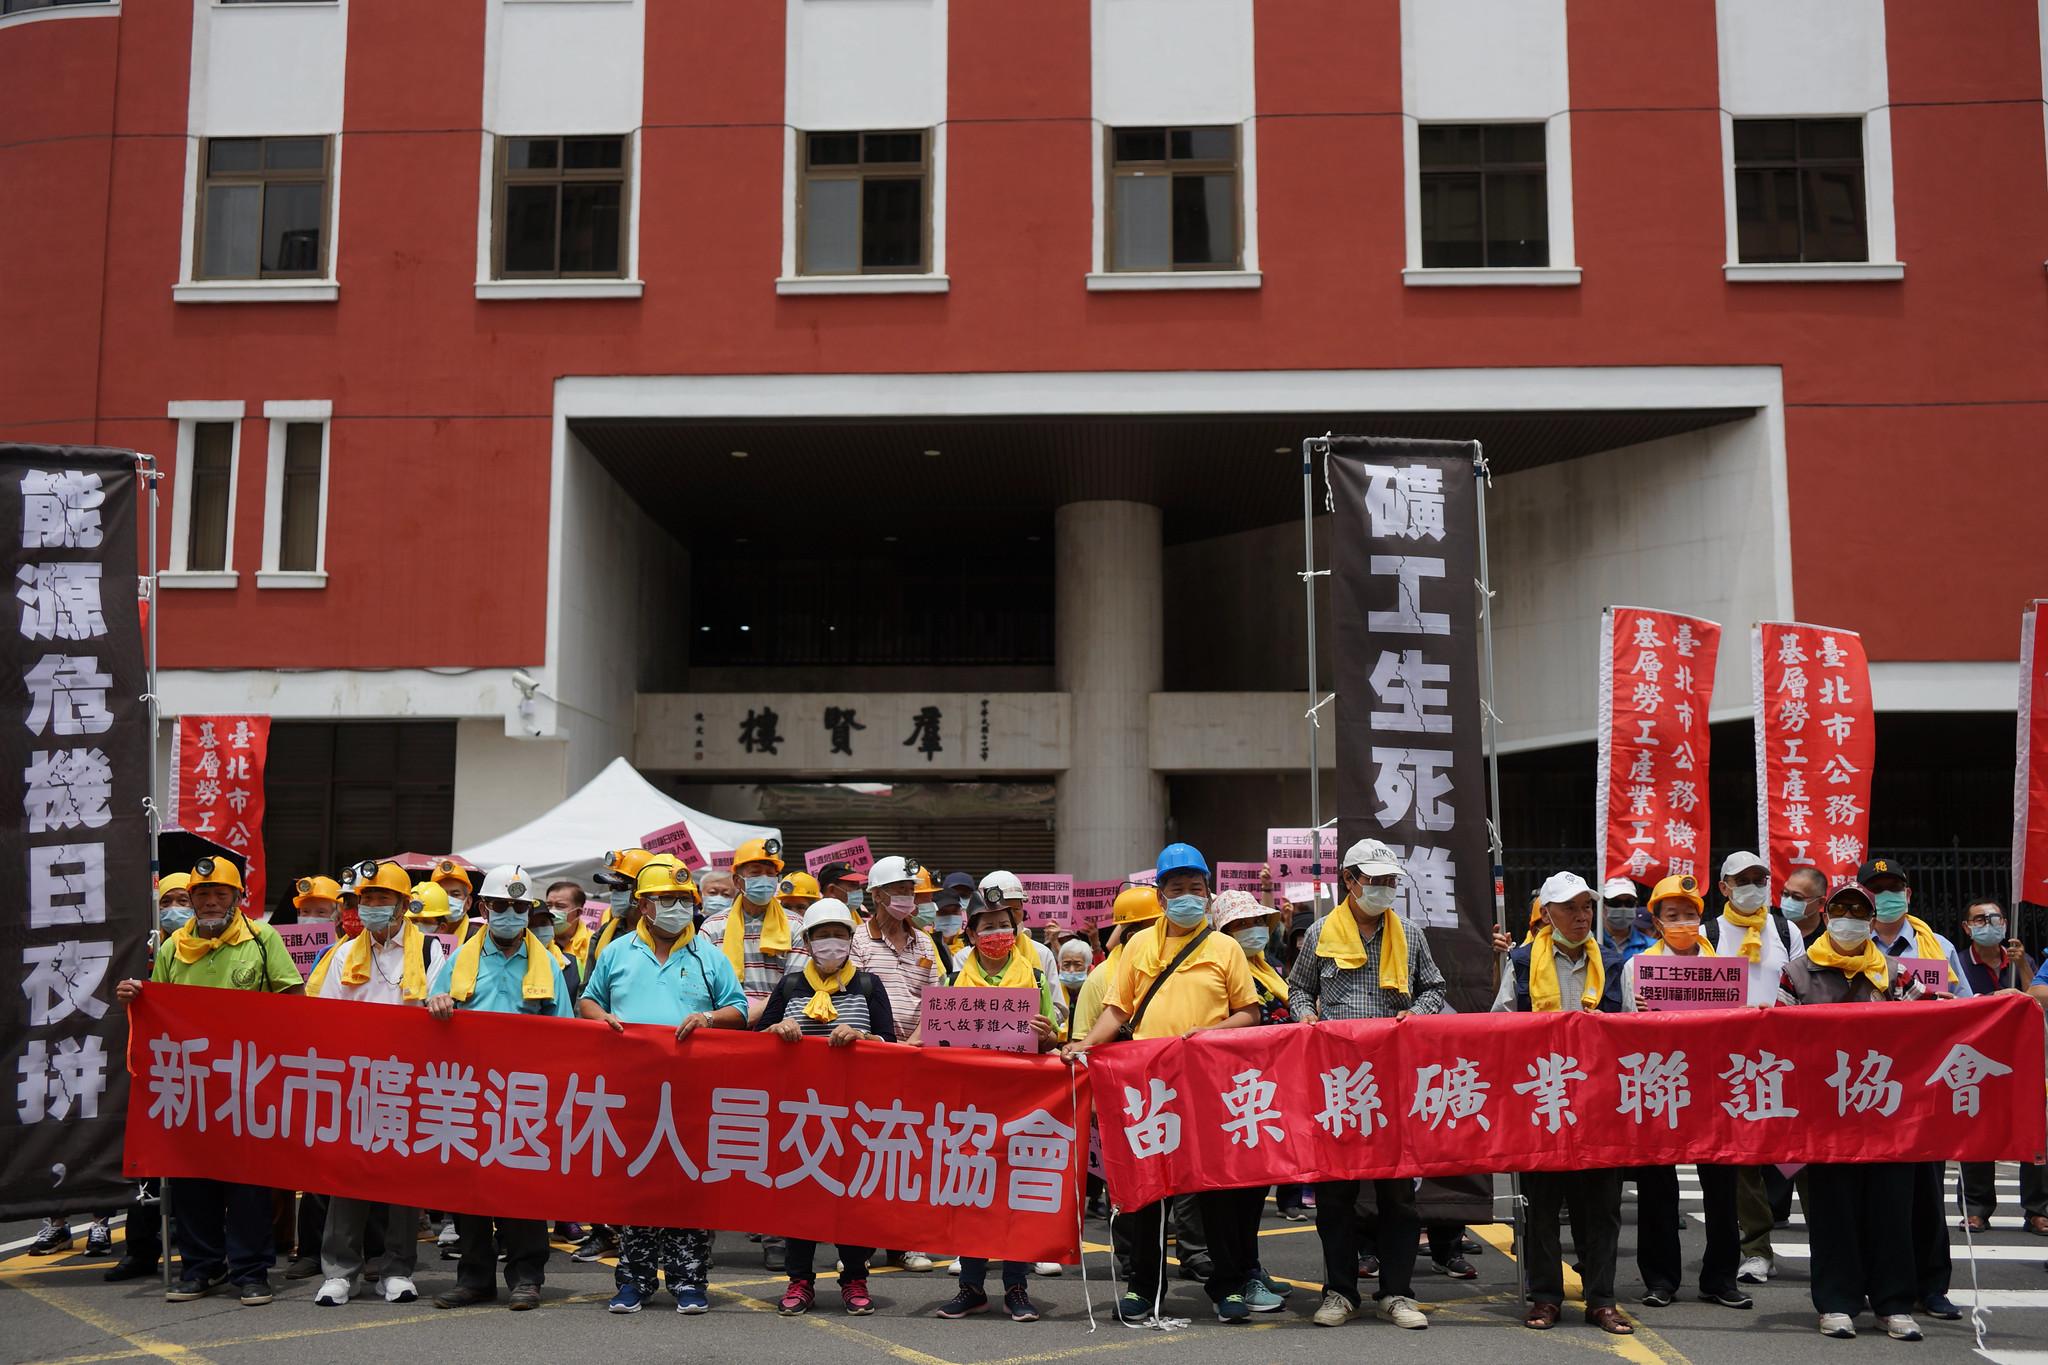 老礦工集結在立法院群賢樓。(攝影:王顥中)